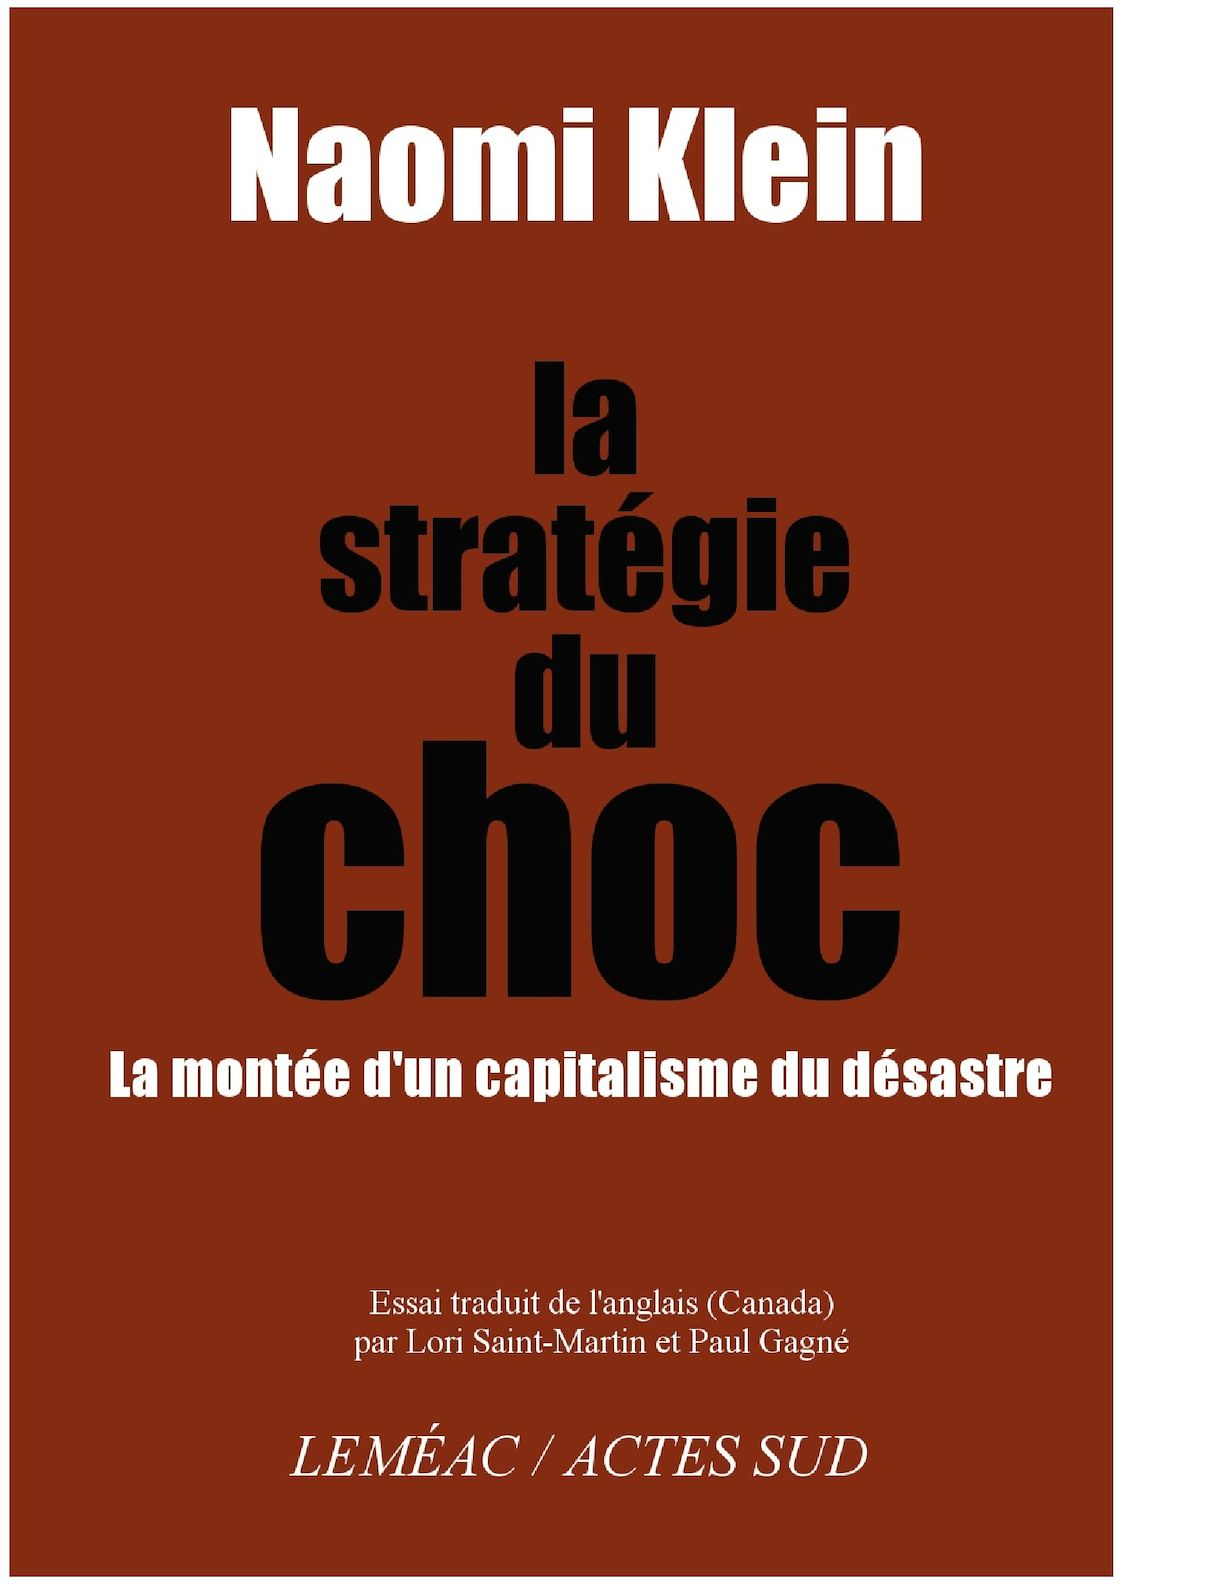 buy online 6916b dcbc8 Calaméo - Naomi Klein   la stétégie du choc (2007)